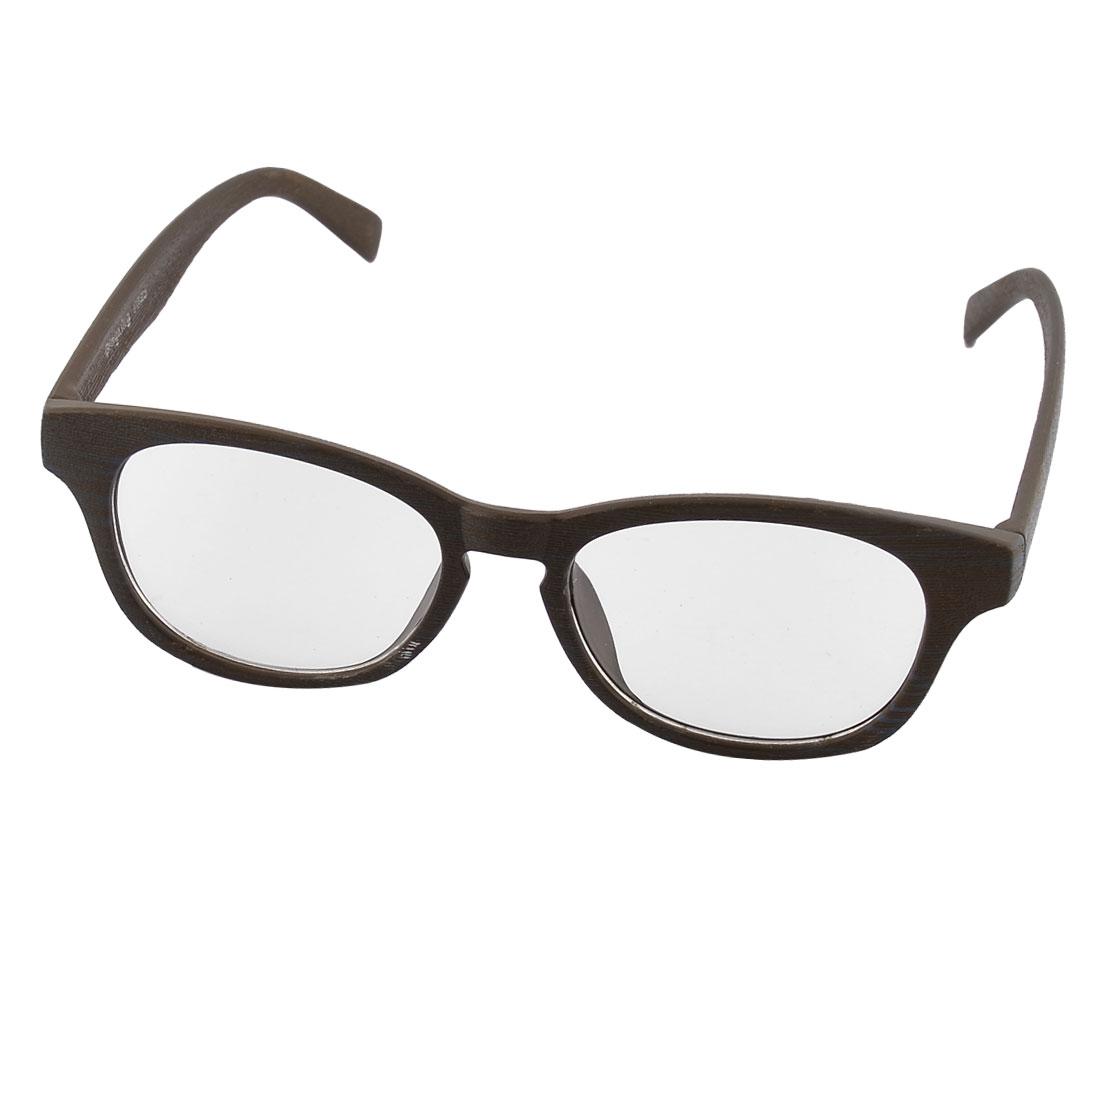 Wood Streak Full Rim Single Bridge Oval Lens Plain Glasses Spectacles Eyeglasses